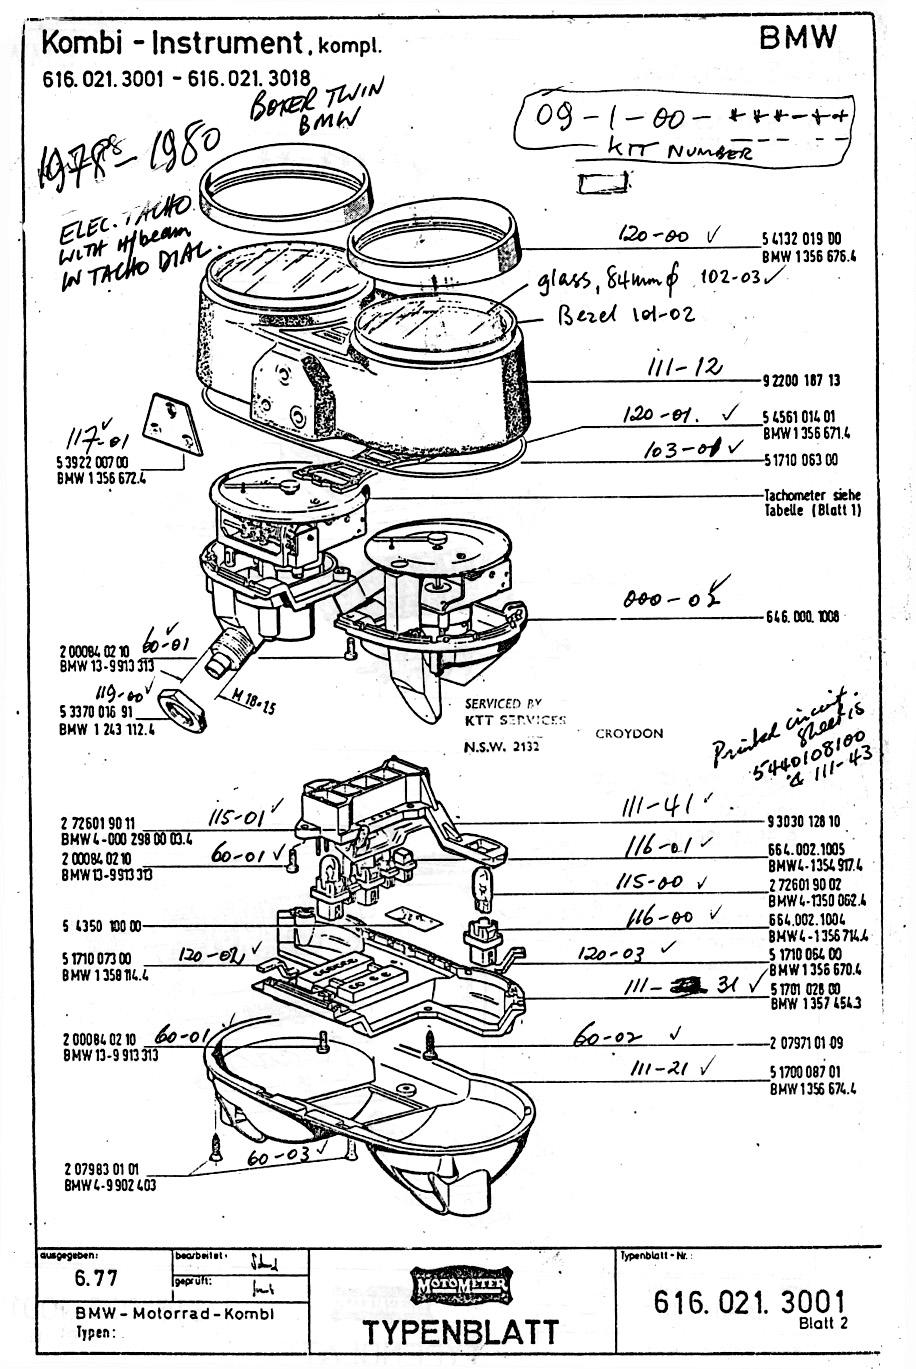 1978 bmw r100 wiring diagram